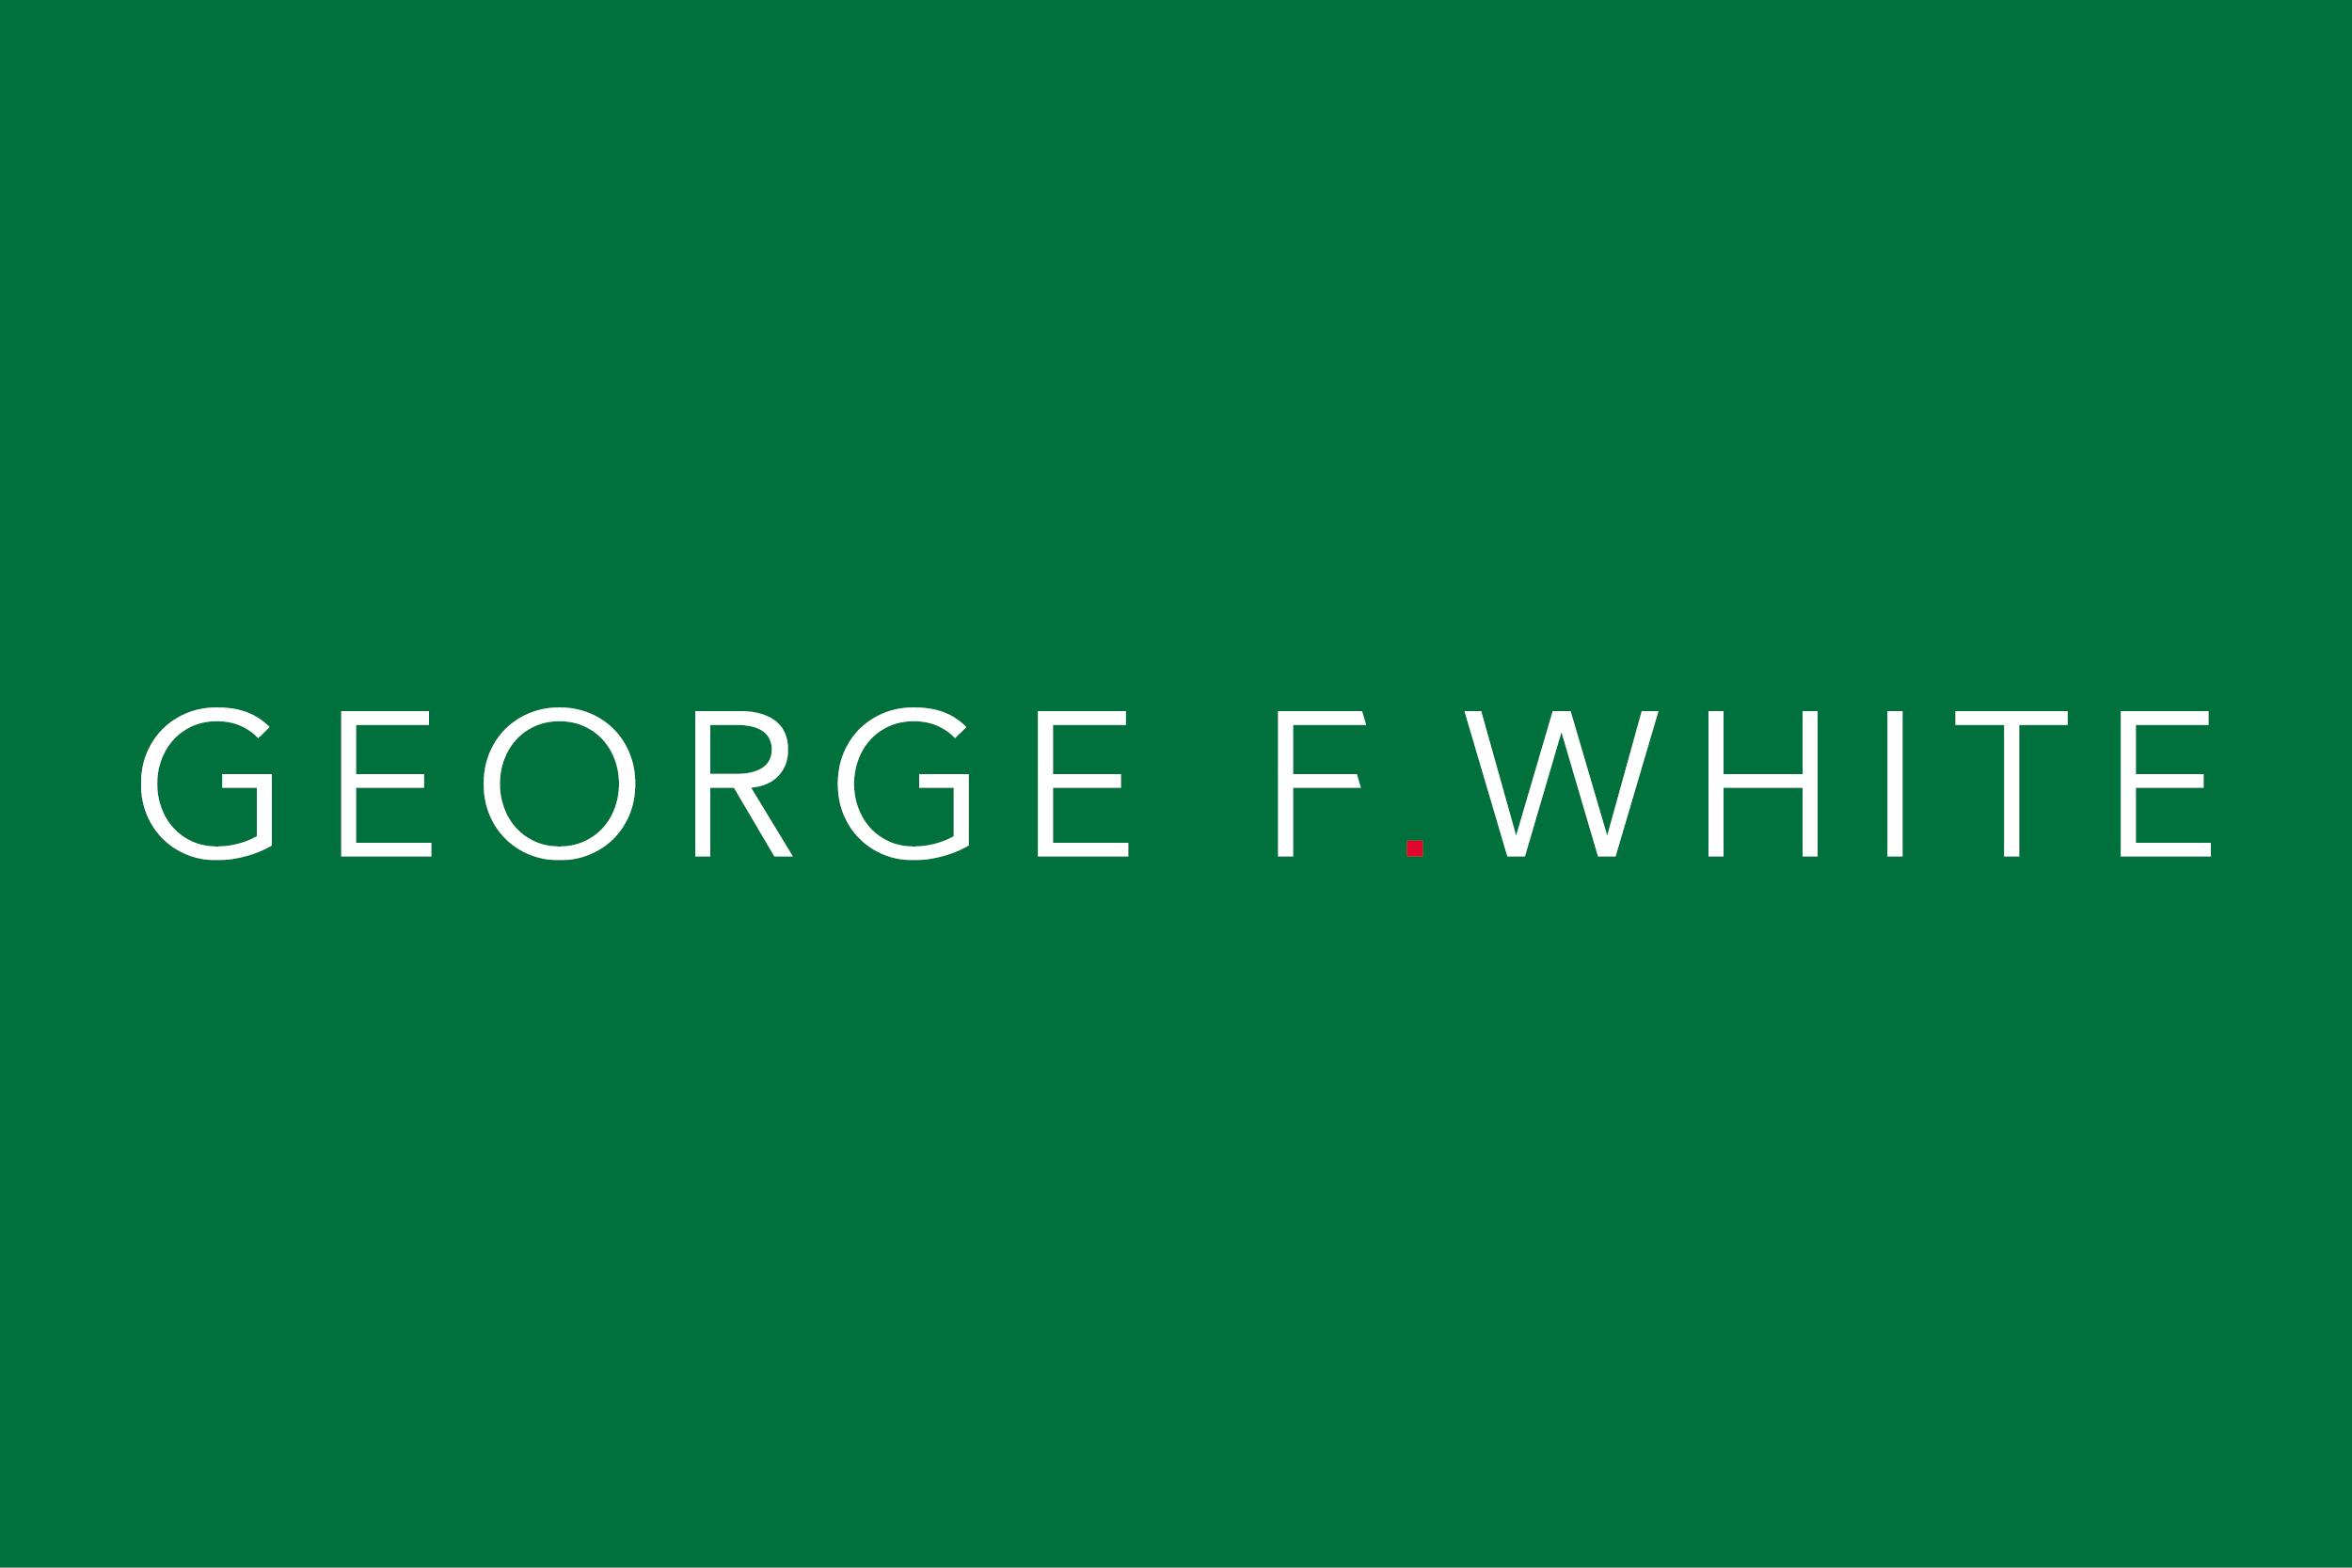 George F White